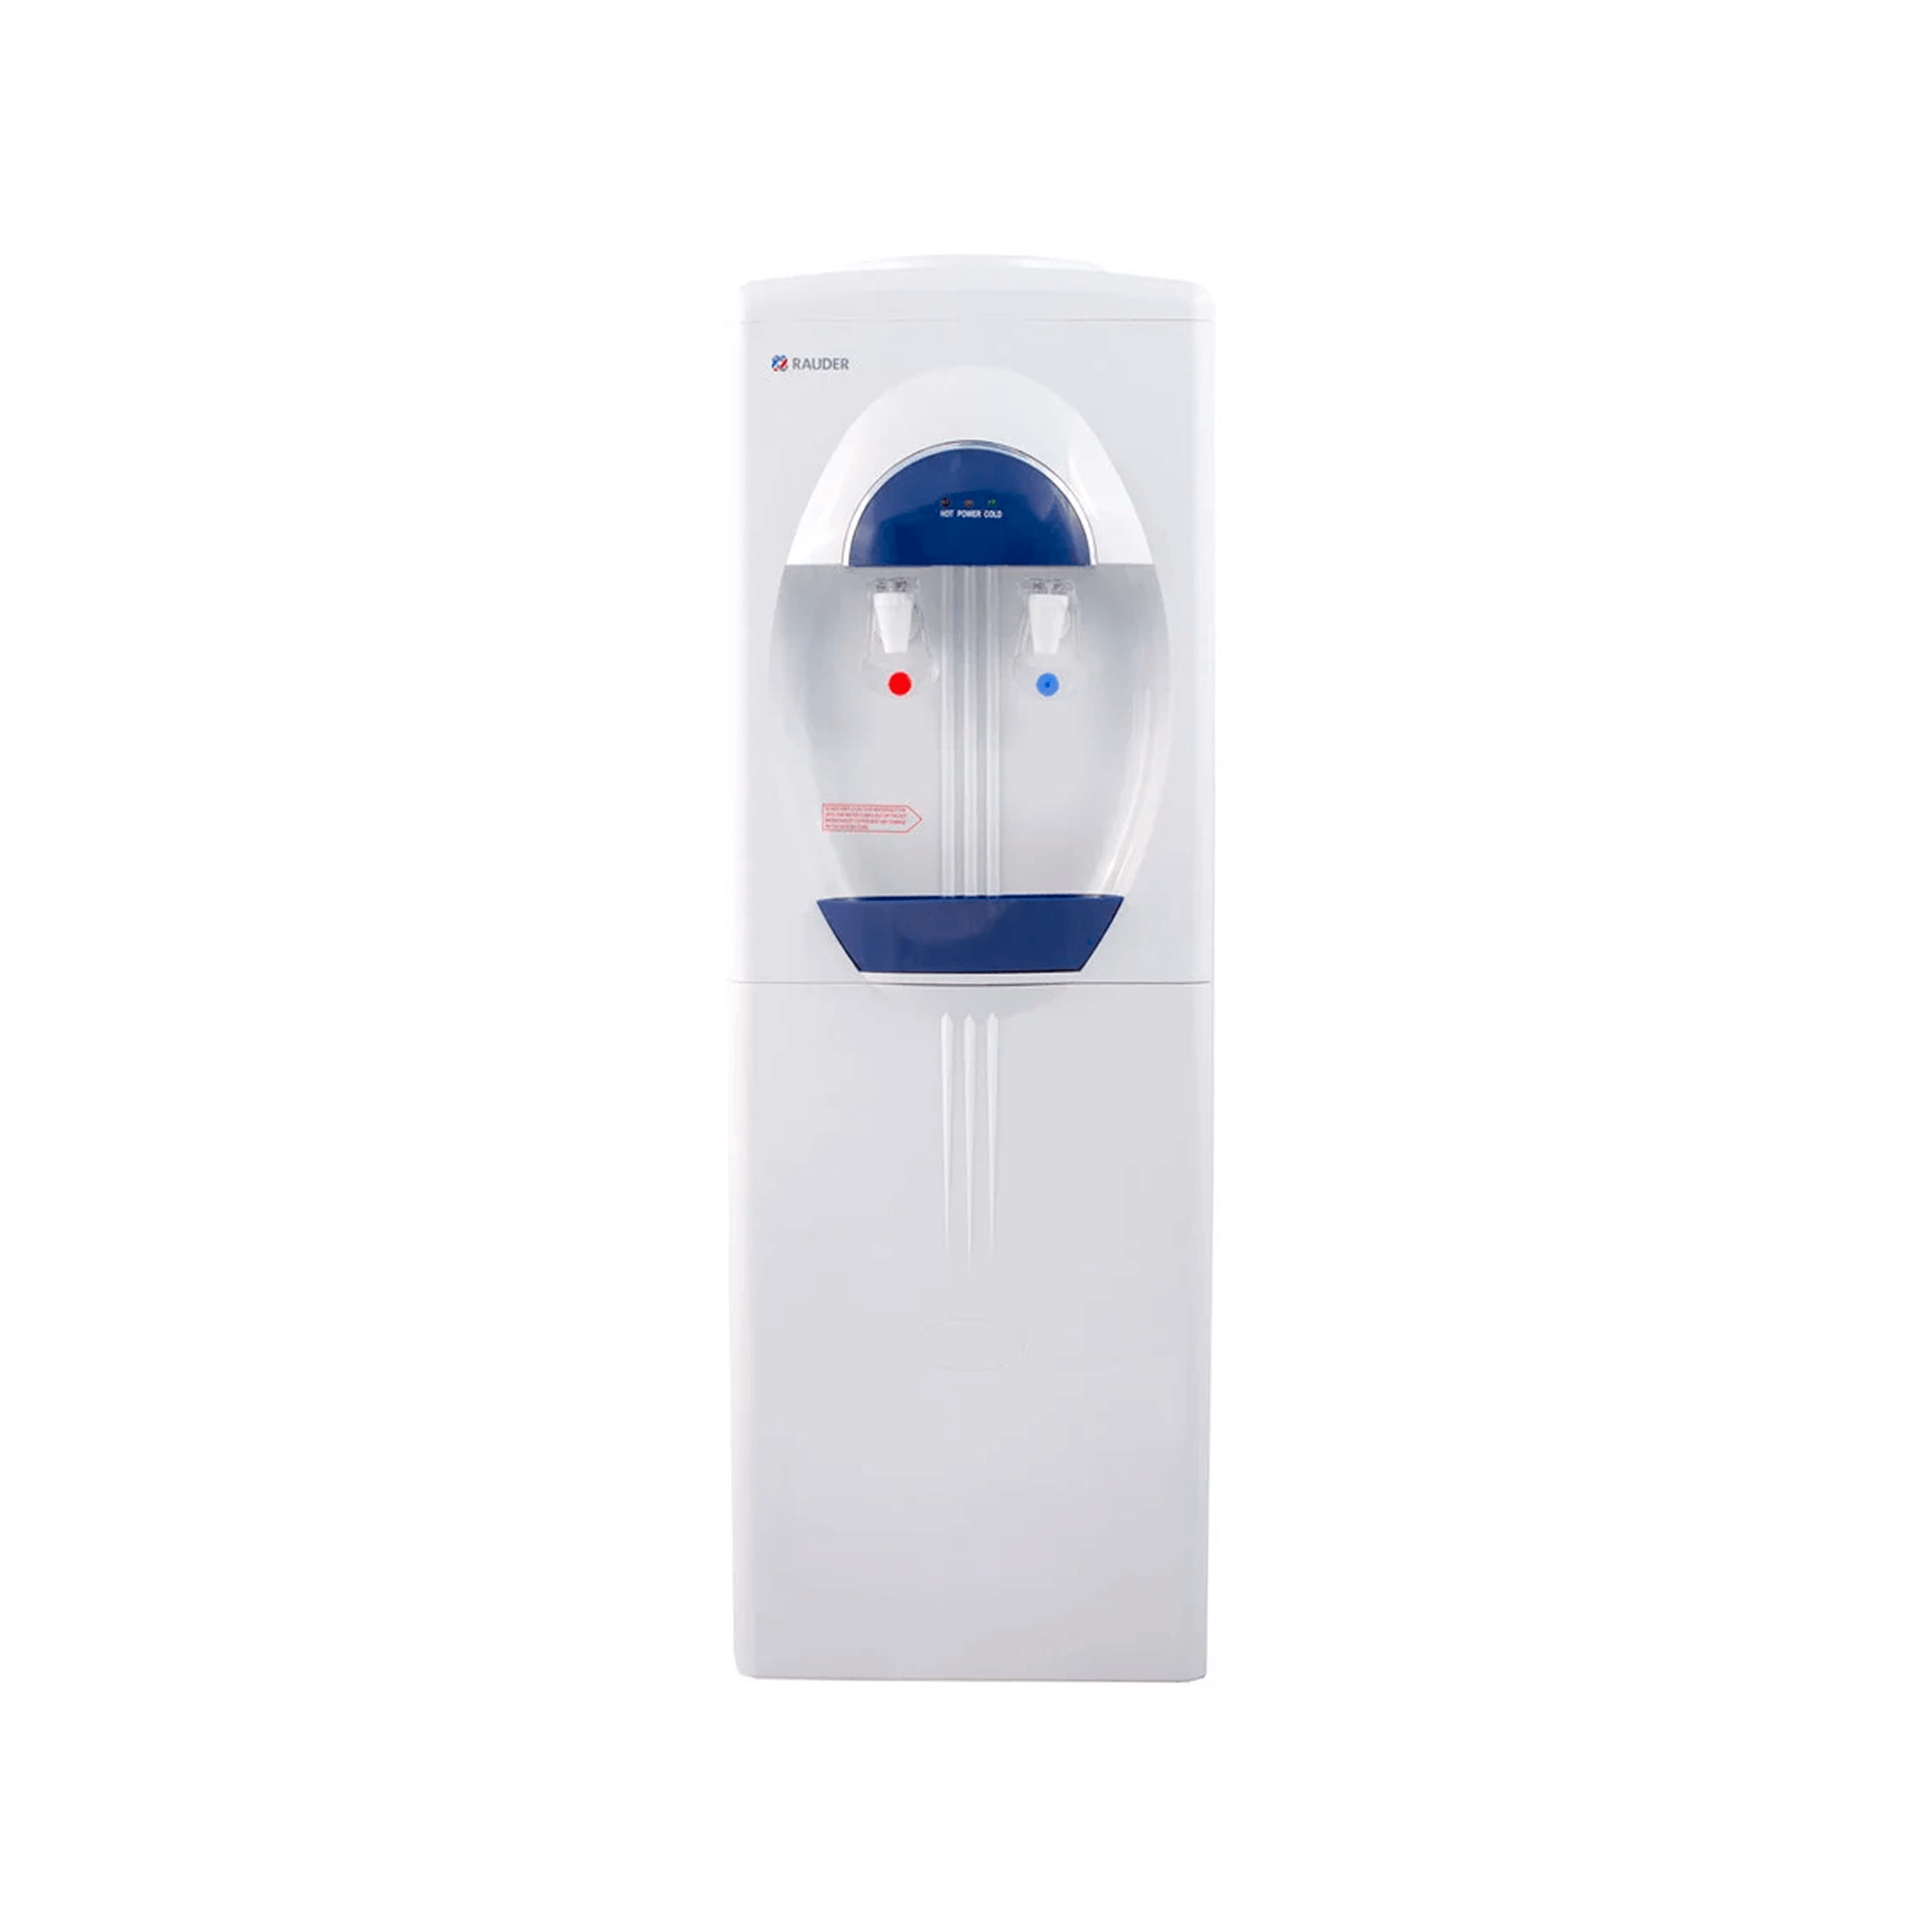 Кулеры напольные - Кулер для воды Rauder 0.5-5x3 (электронное охлаждение)